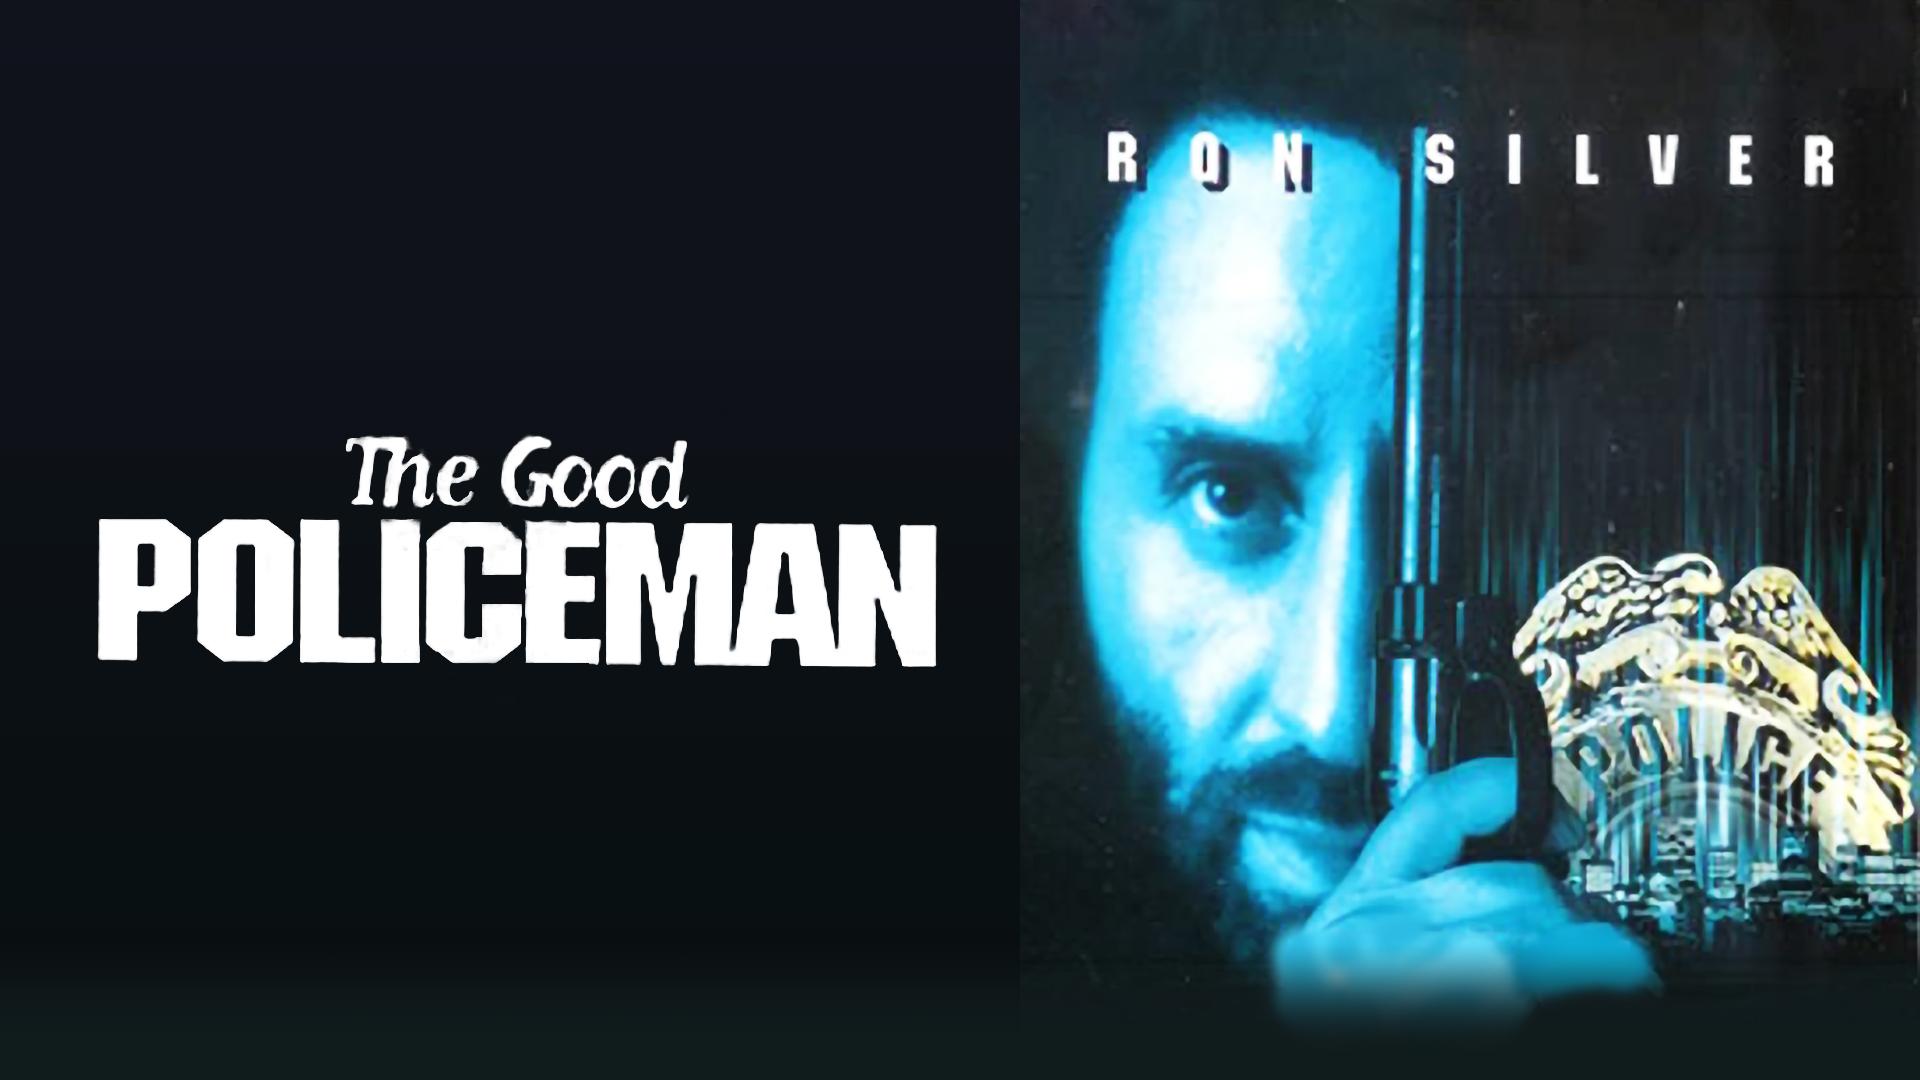 The Good Policeman